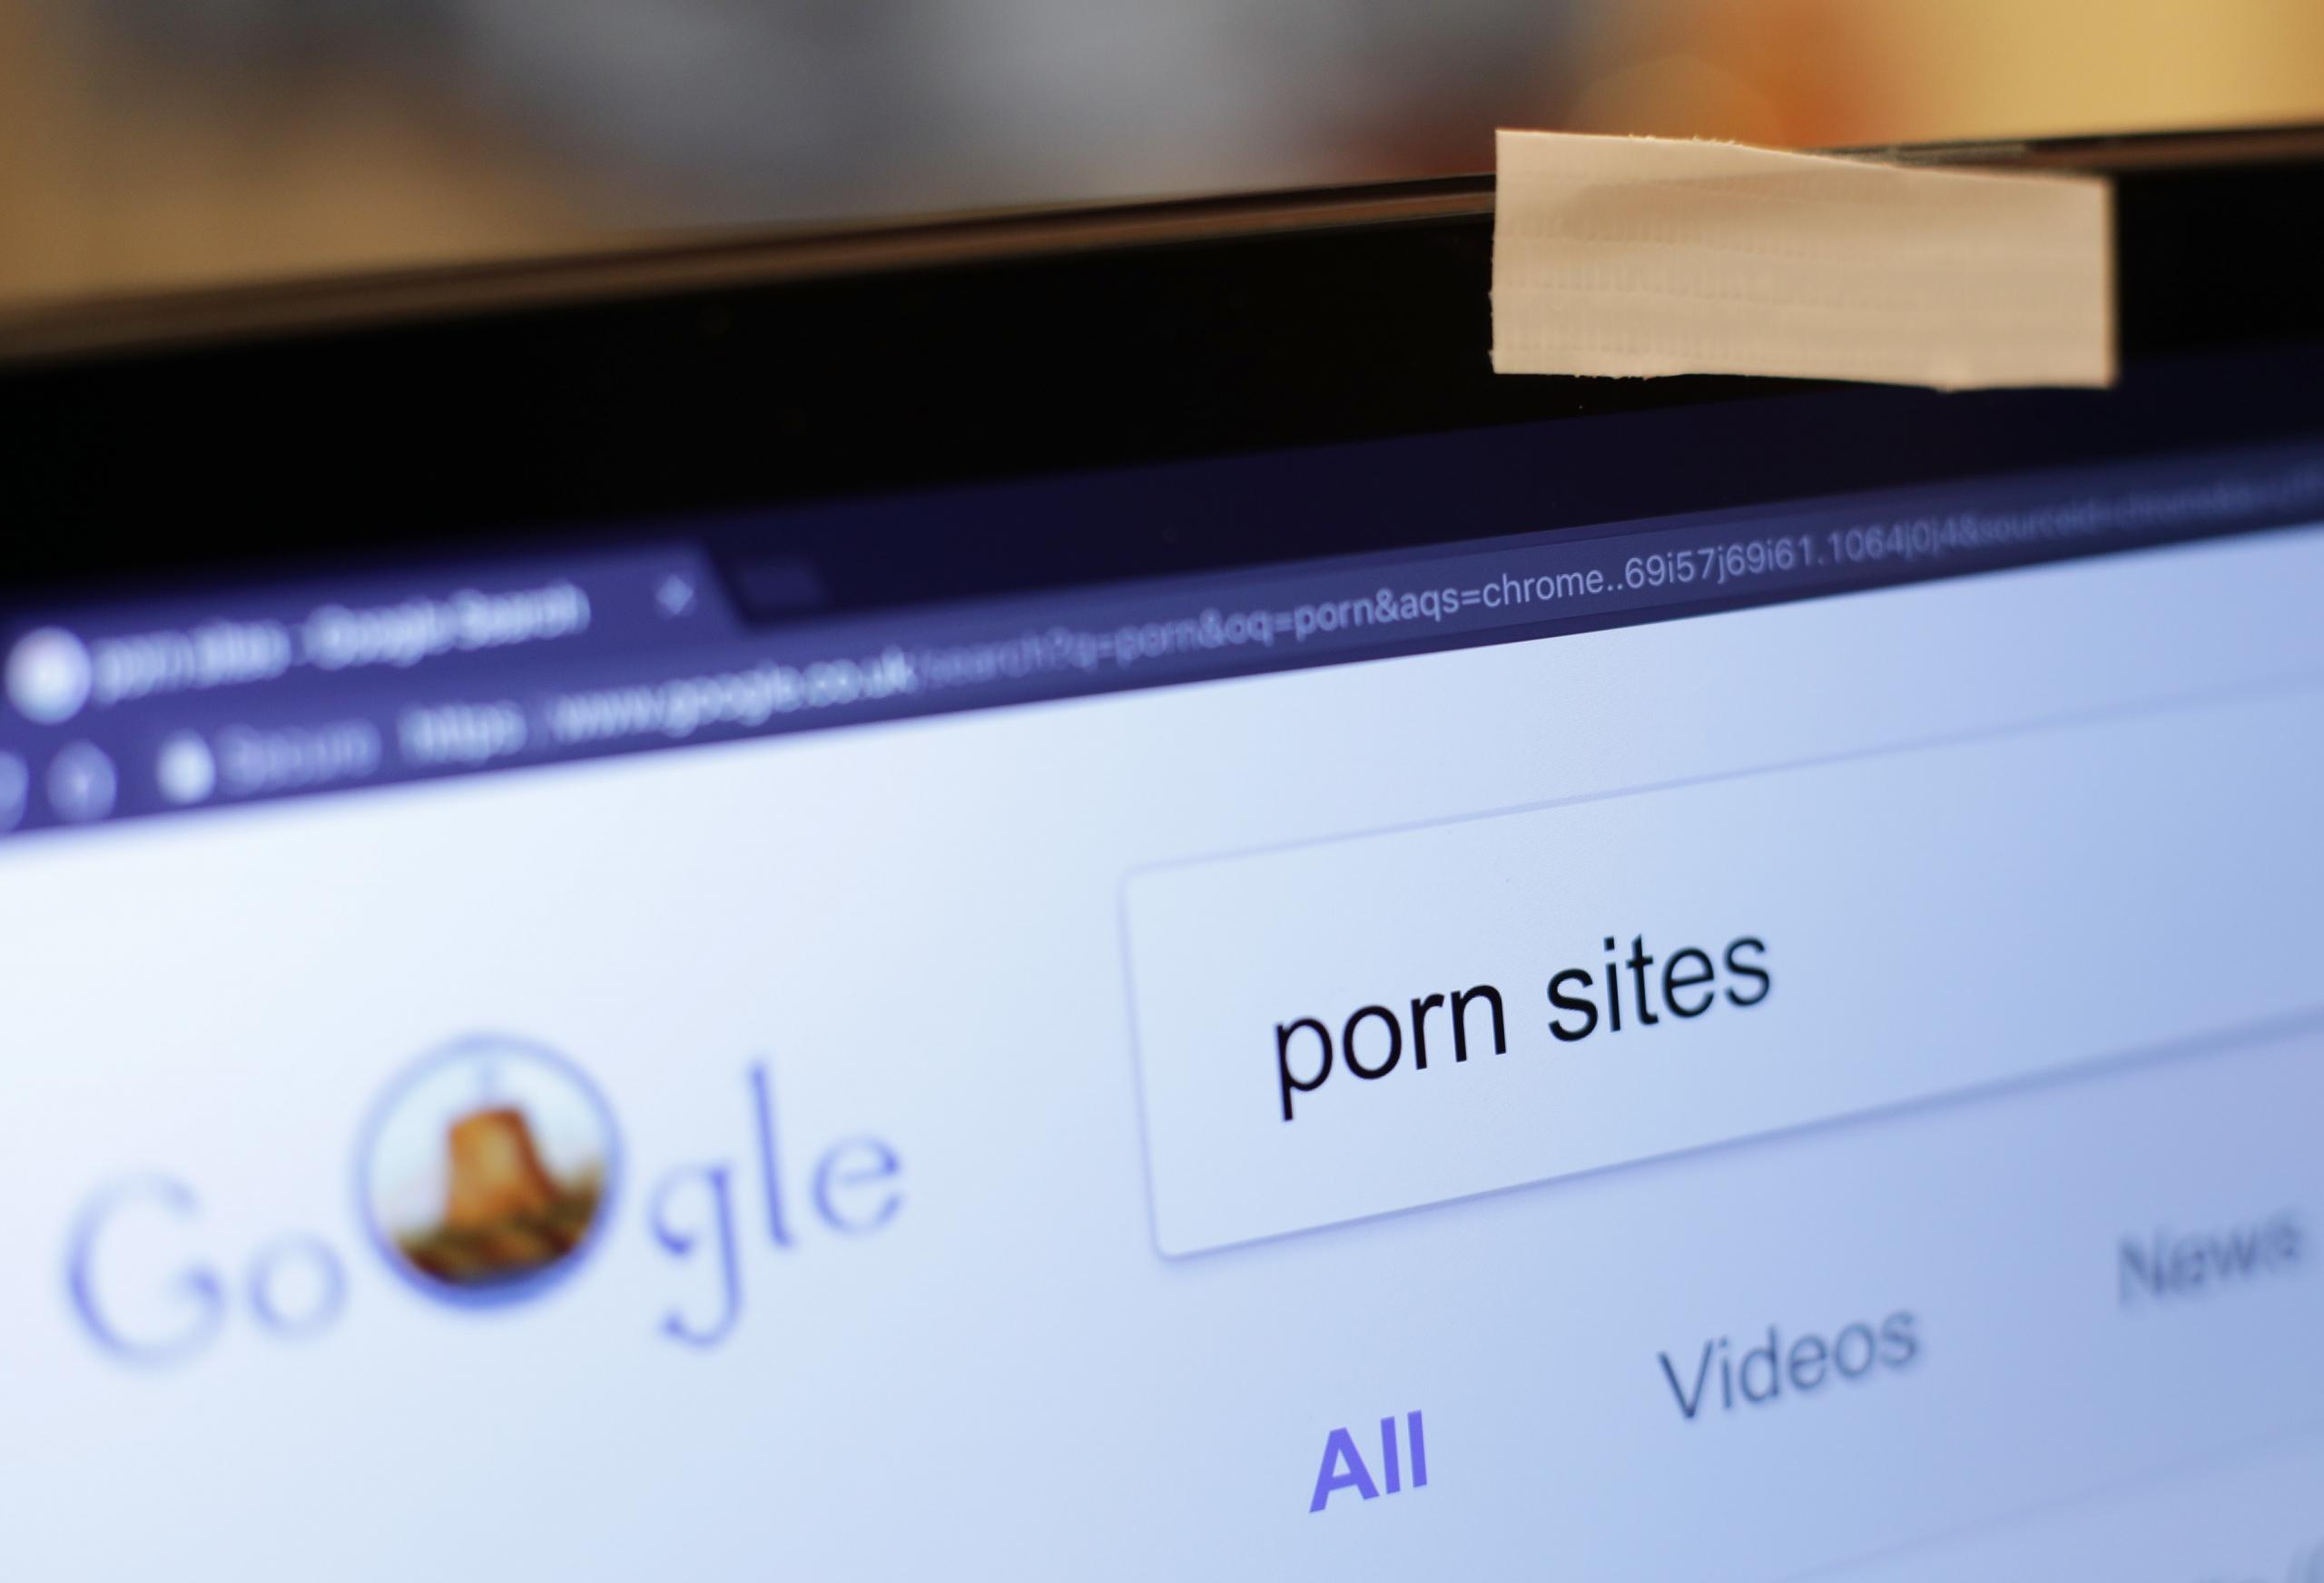 Estudio revela que la pornografía reconfigura el cerebro haciendo que perdamos madurez